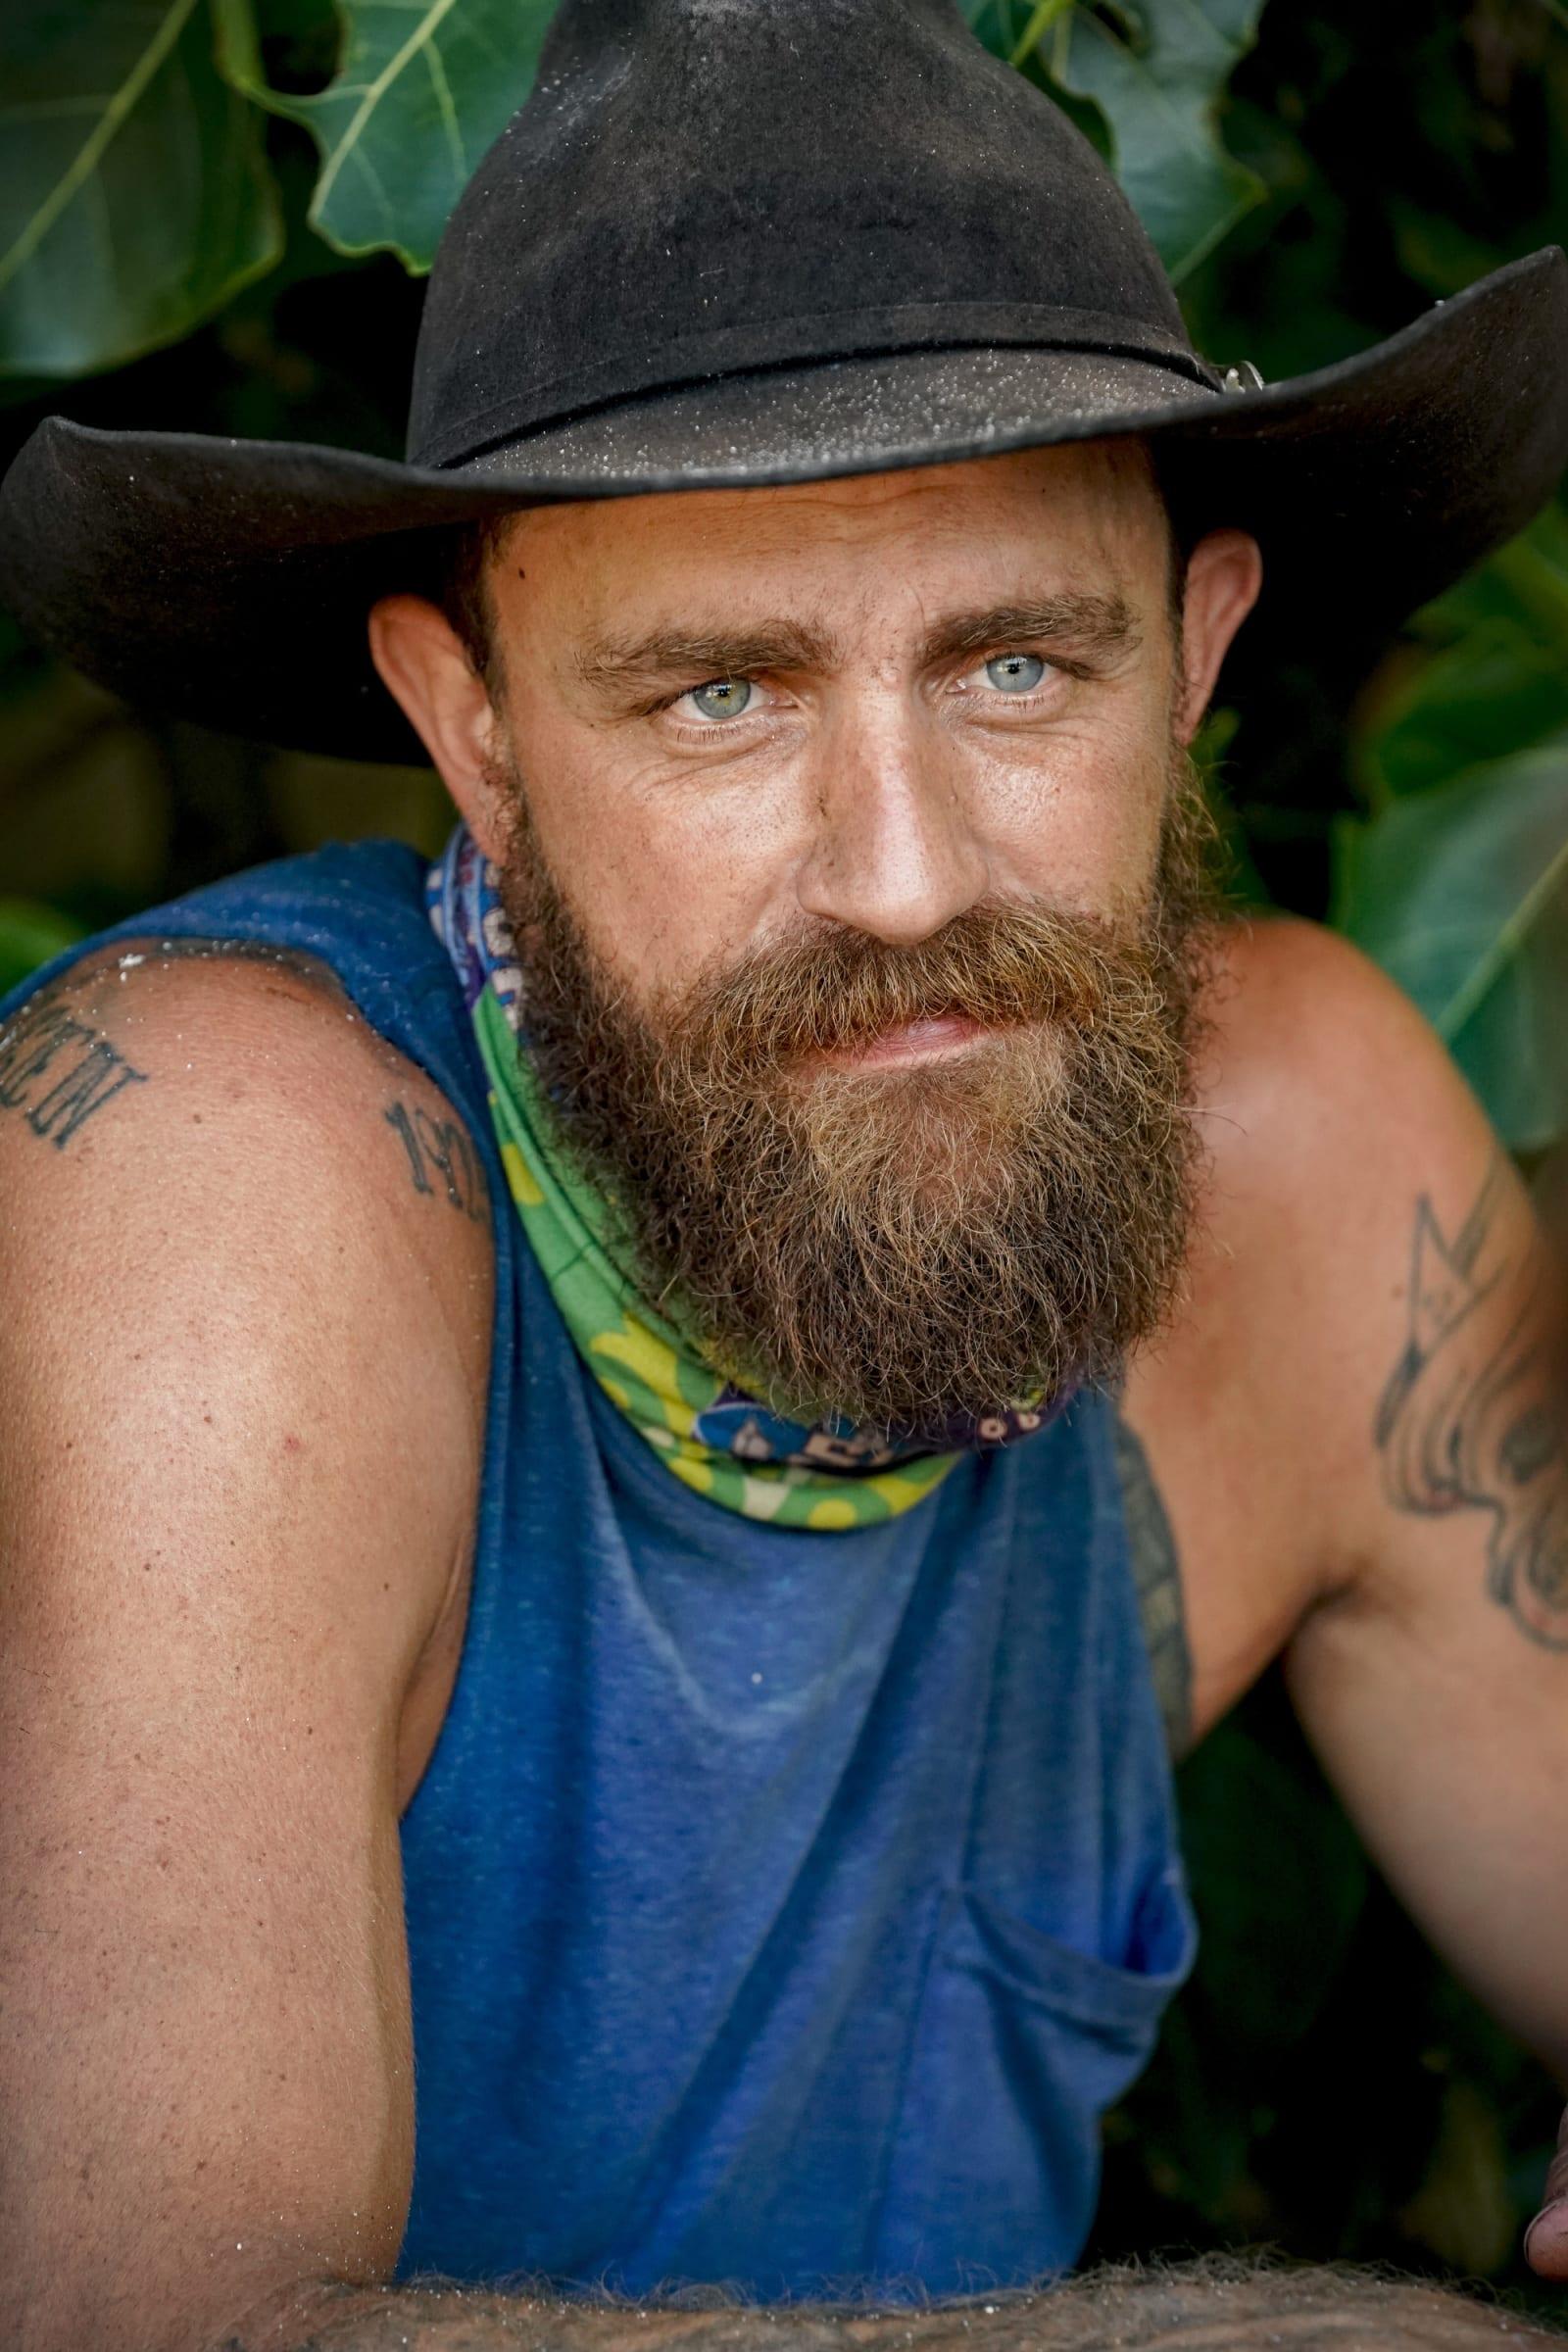 Ben Driebergen Survivor Winners at War episode 7